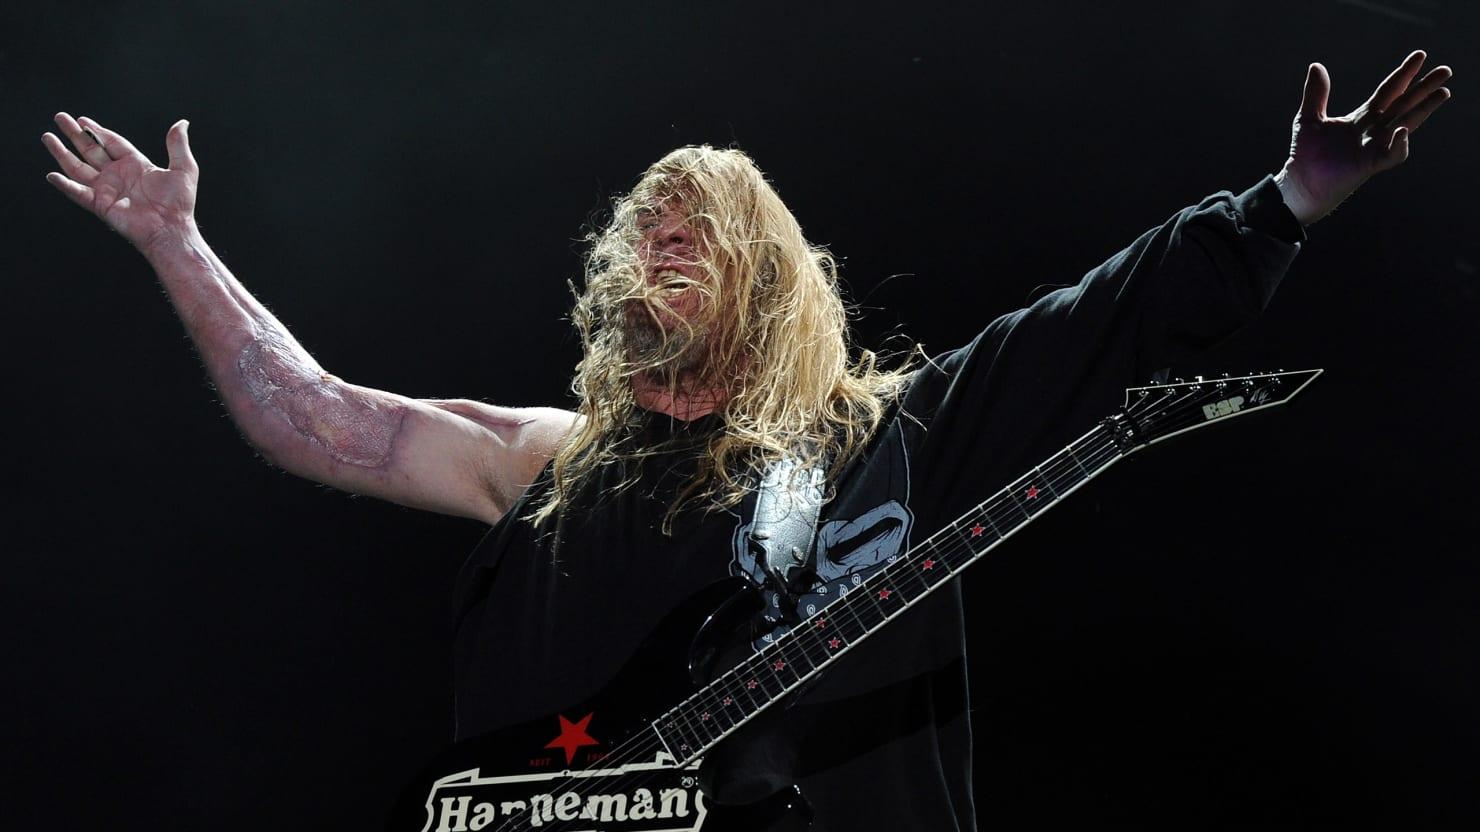 2018: 5 Años Del Fallecimiento De Jeff Hanneman 3